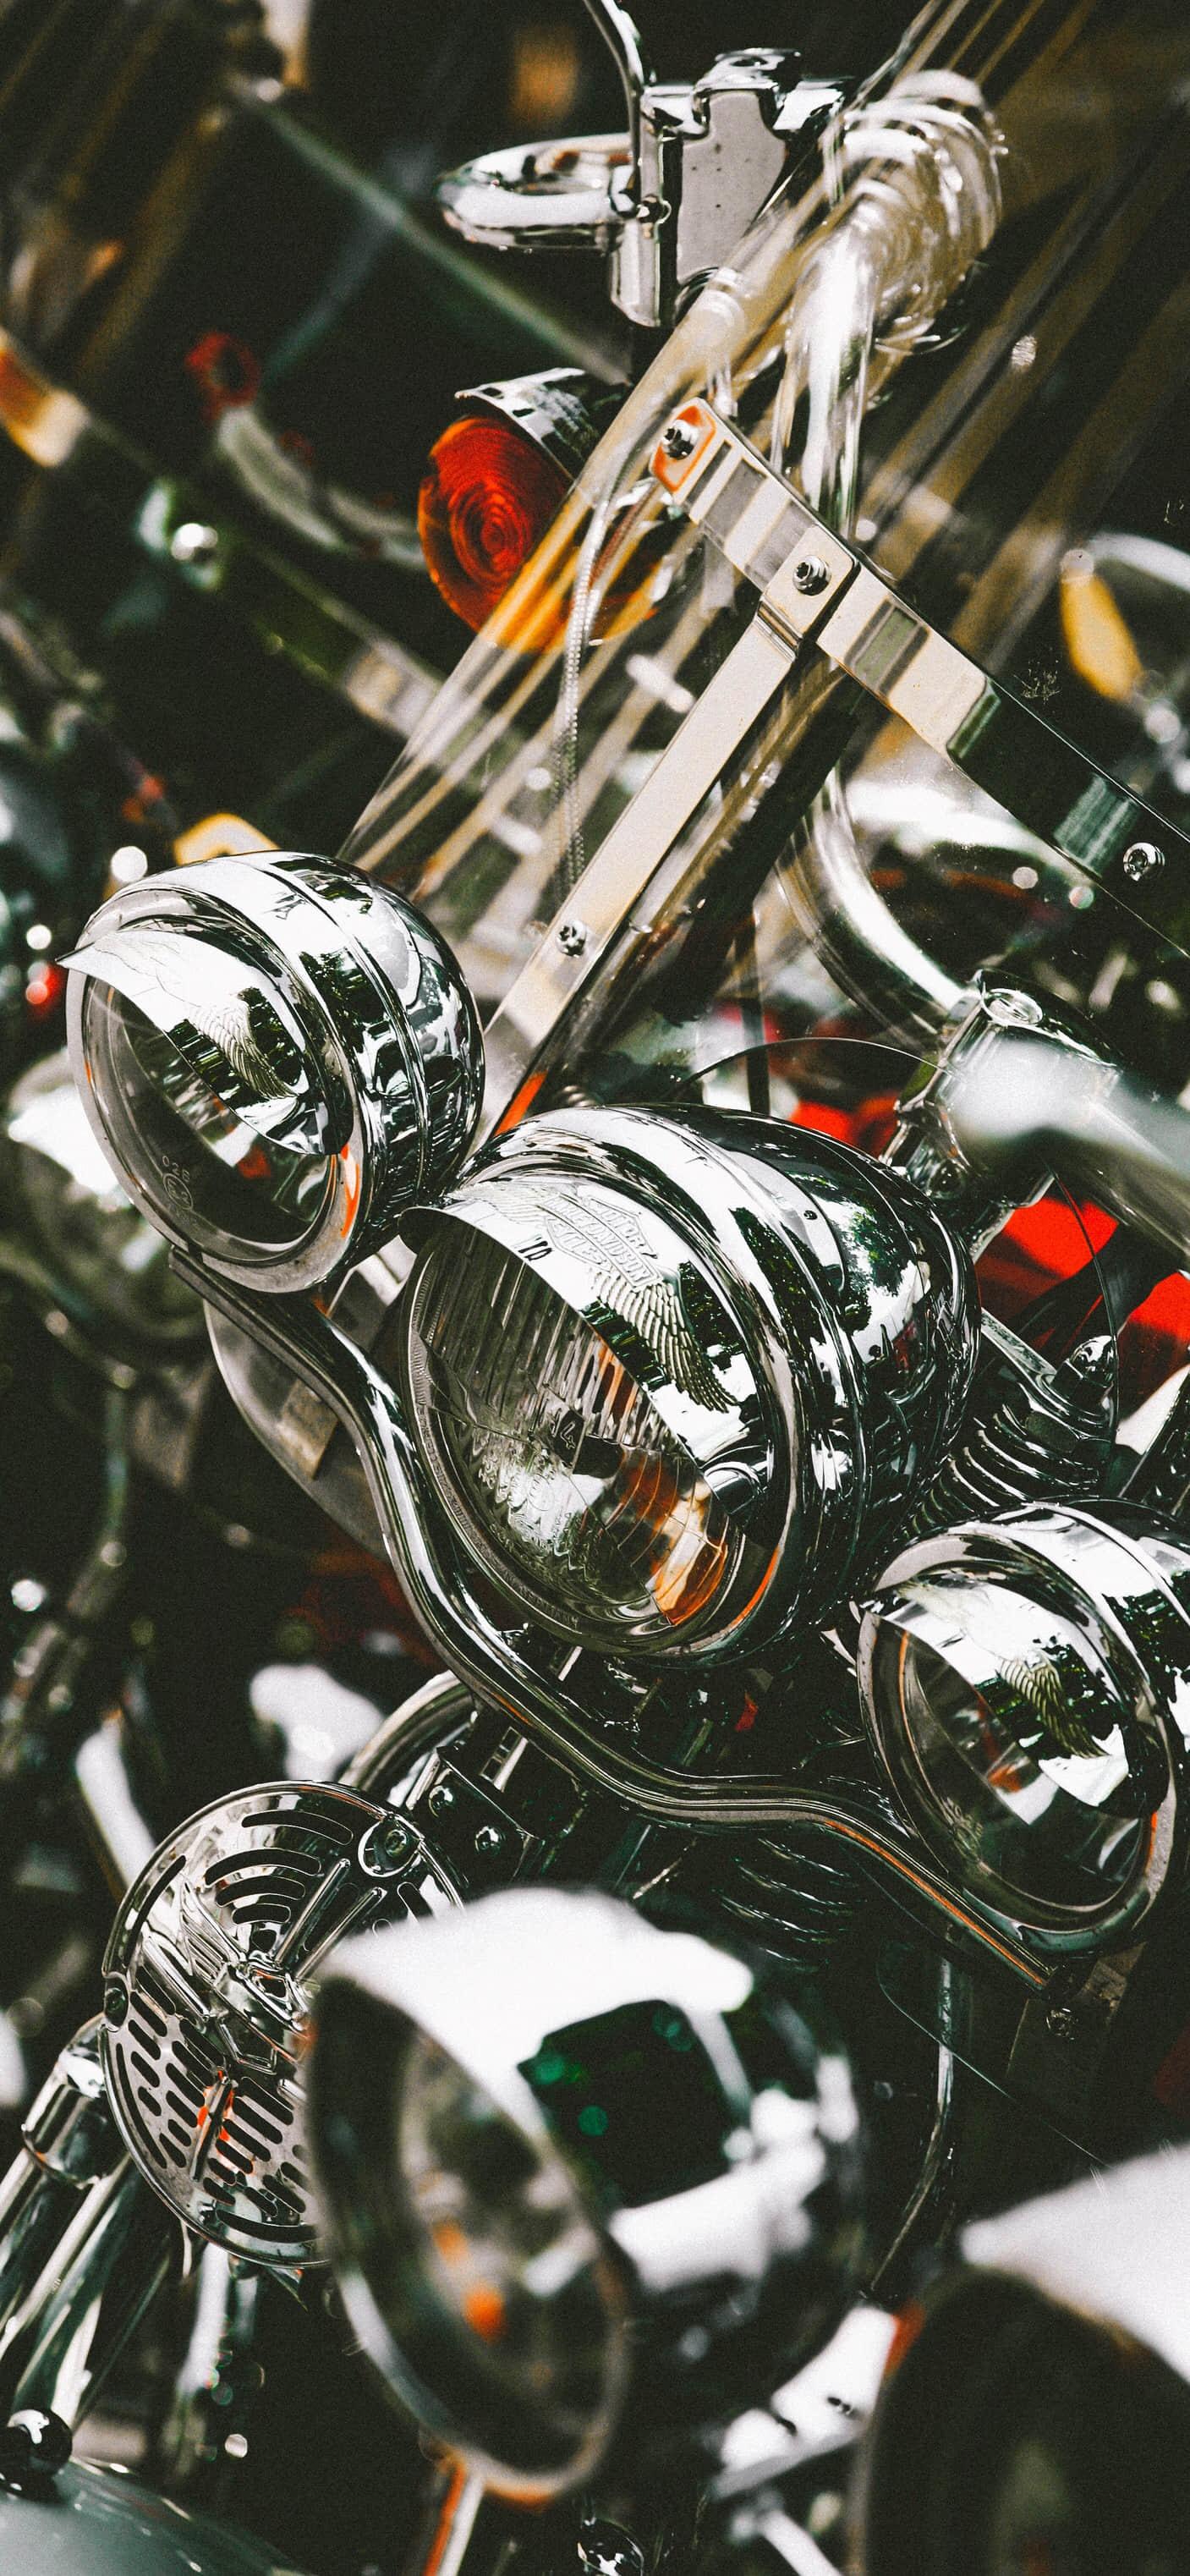 酷炫摩托车(Motorcycle)机车壁纸,图片尺寸:1407*3045